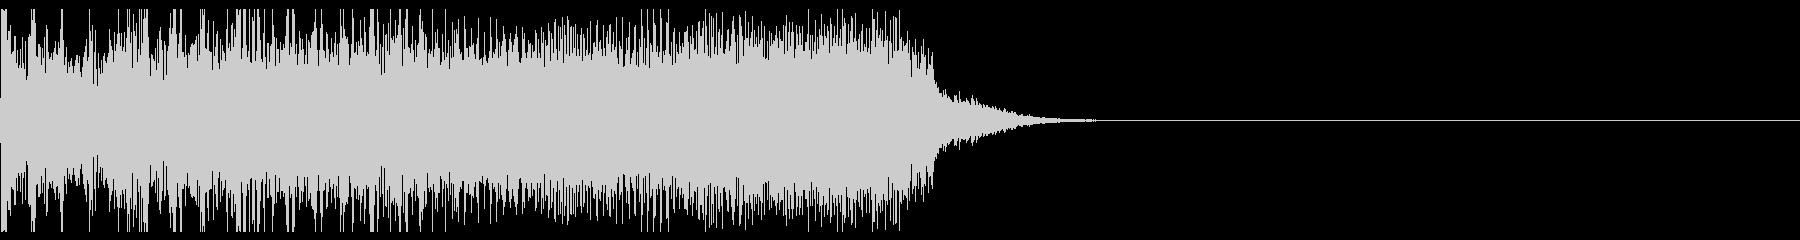 短いメタル系ジングルの未再生の波形